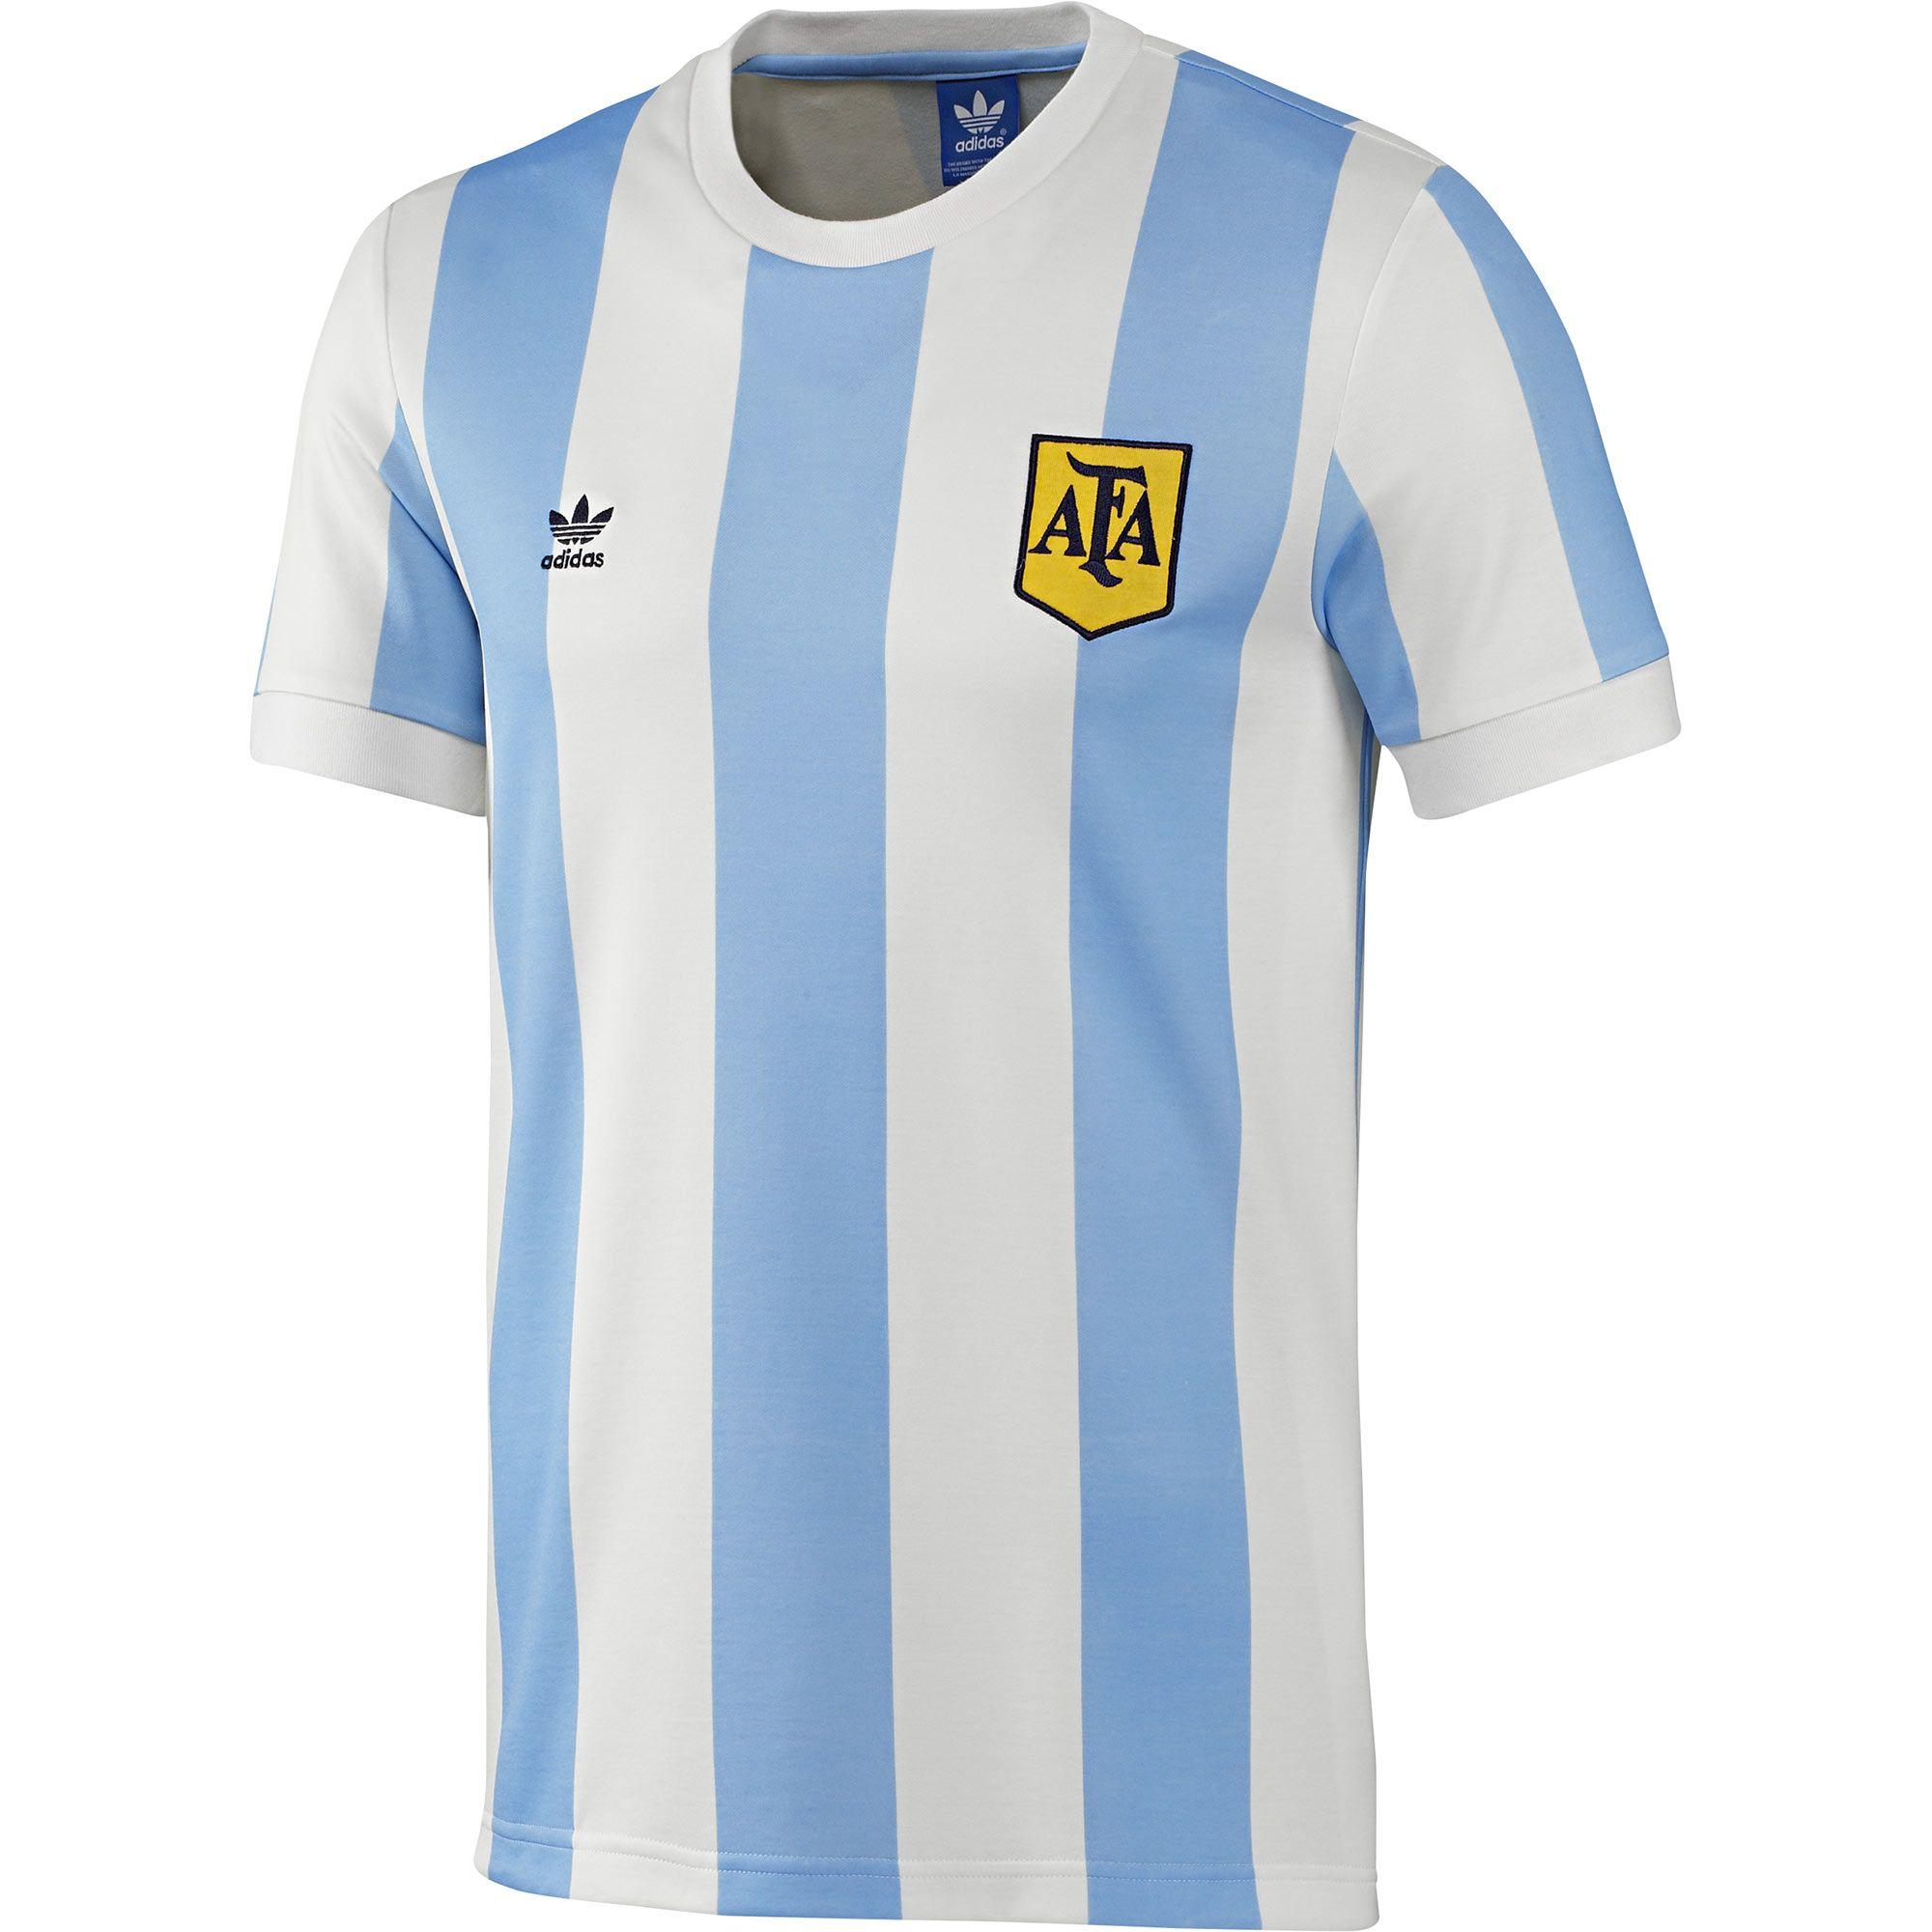 9a19594895f9b adidas Camiseta de Fútbol Retro Selección Argentina